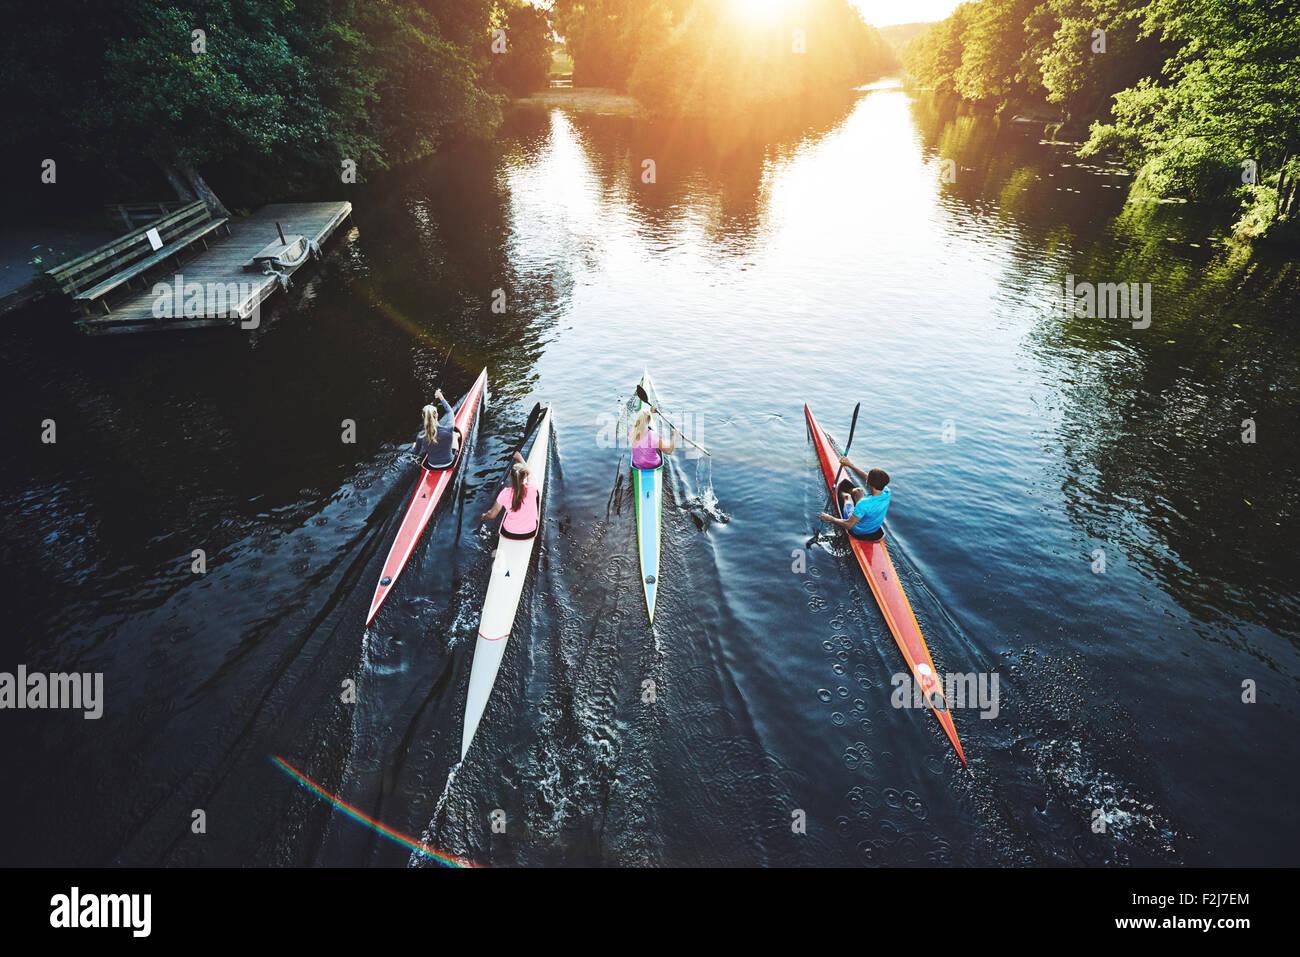 Team di persone a remi racing al tramonto Immagini Stock